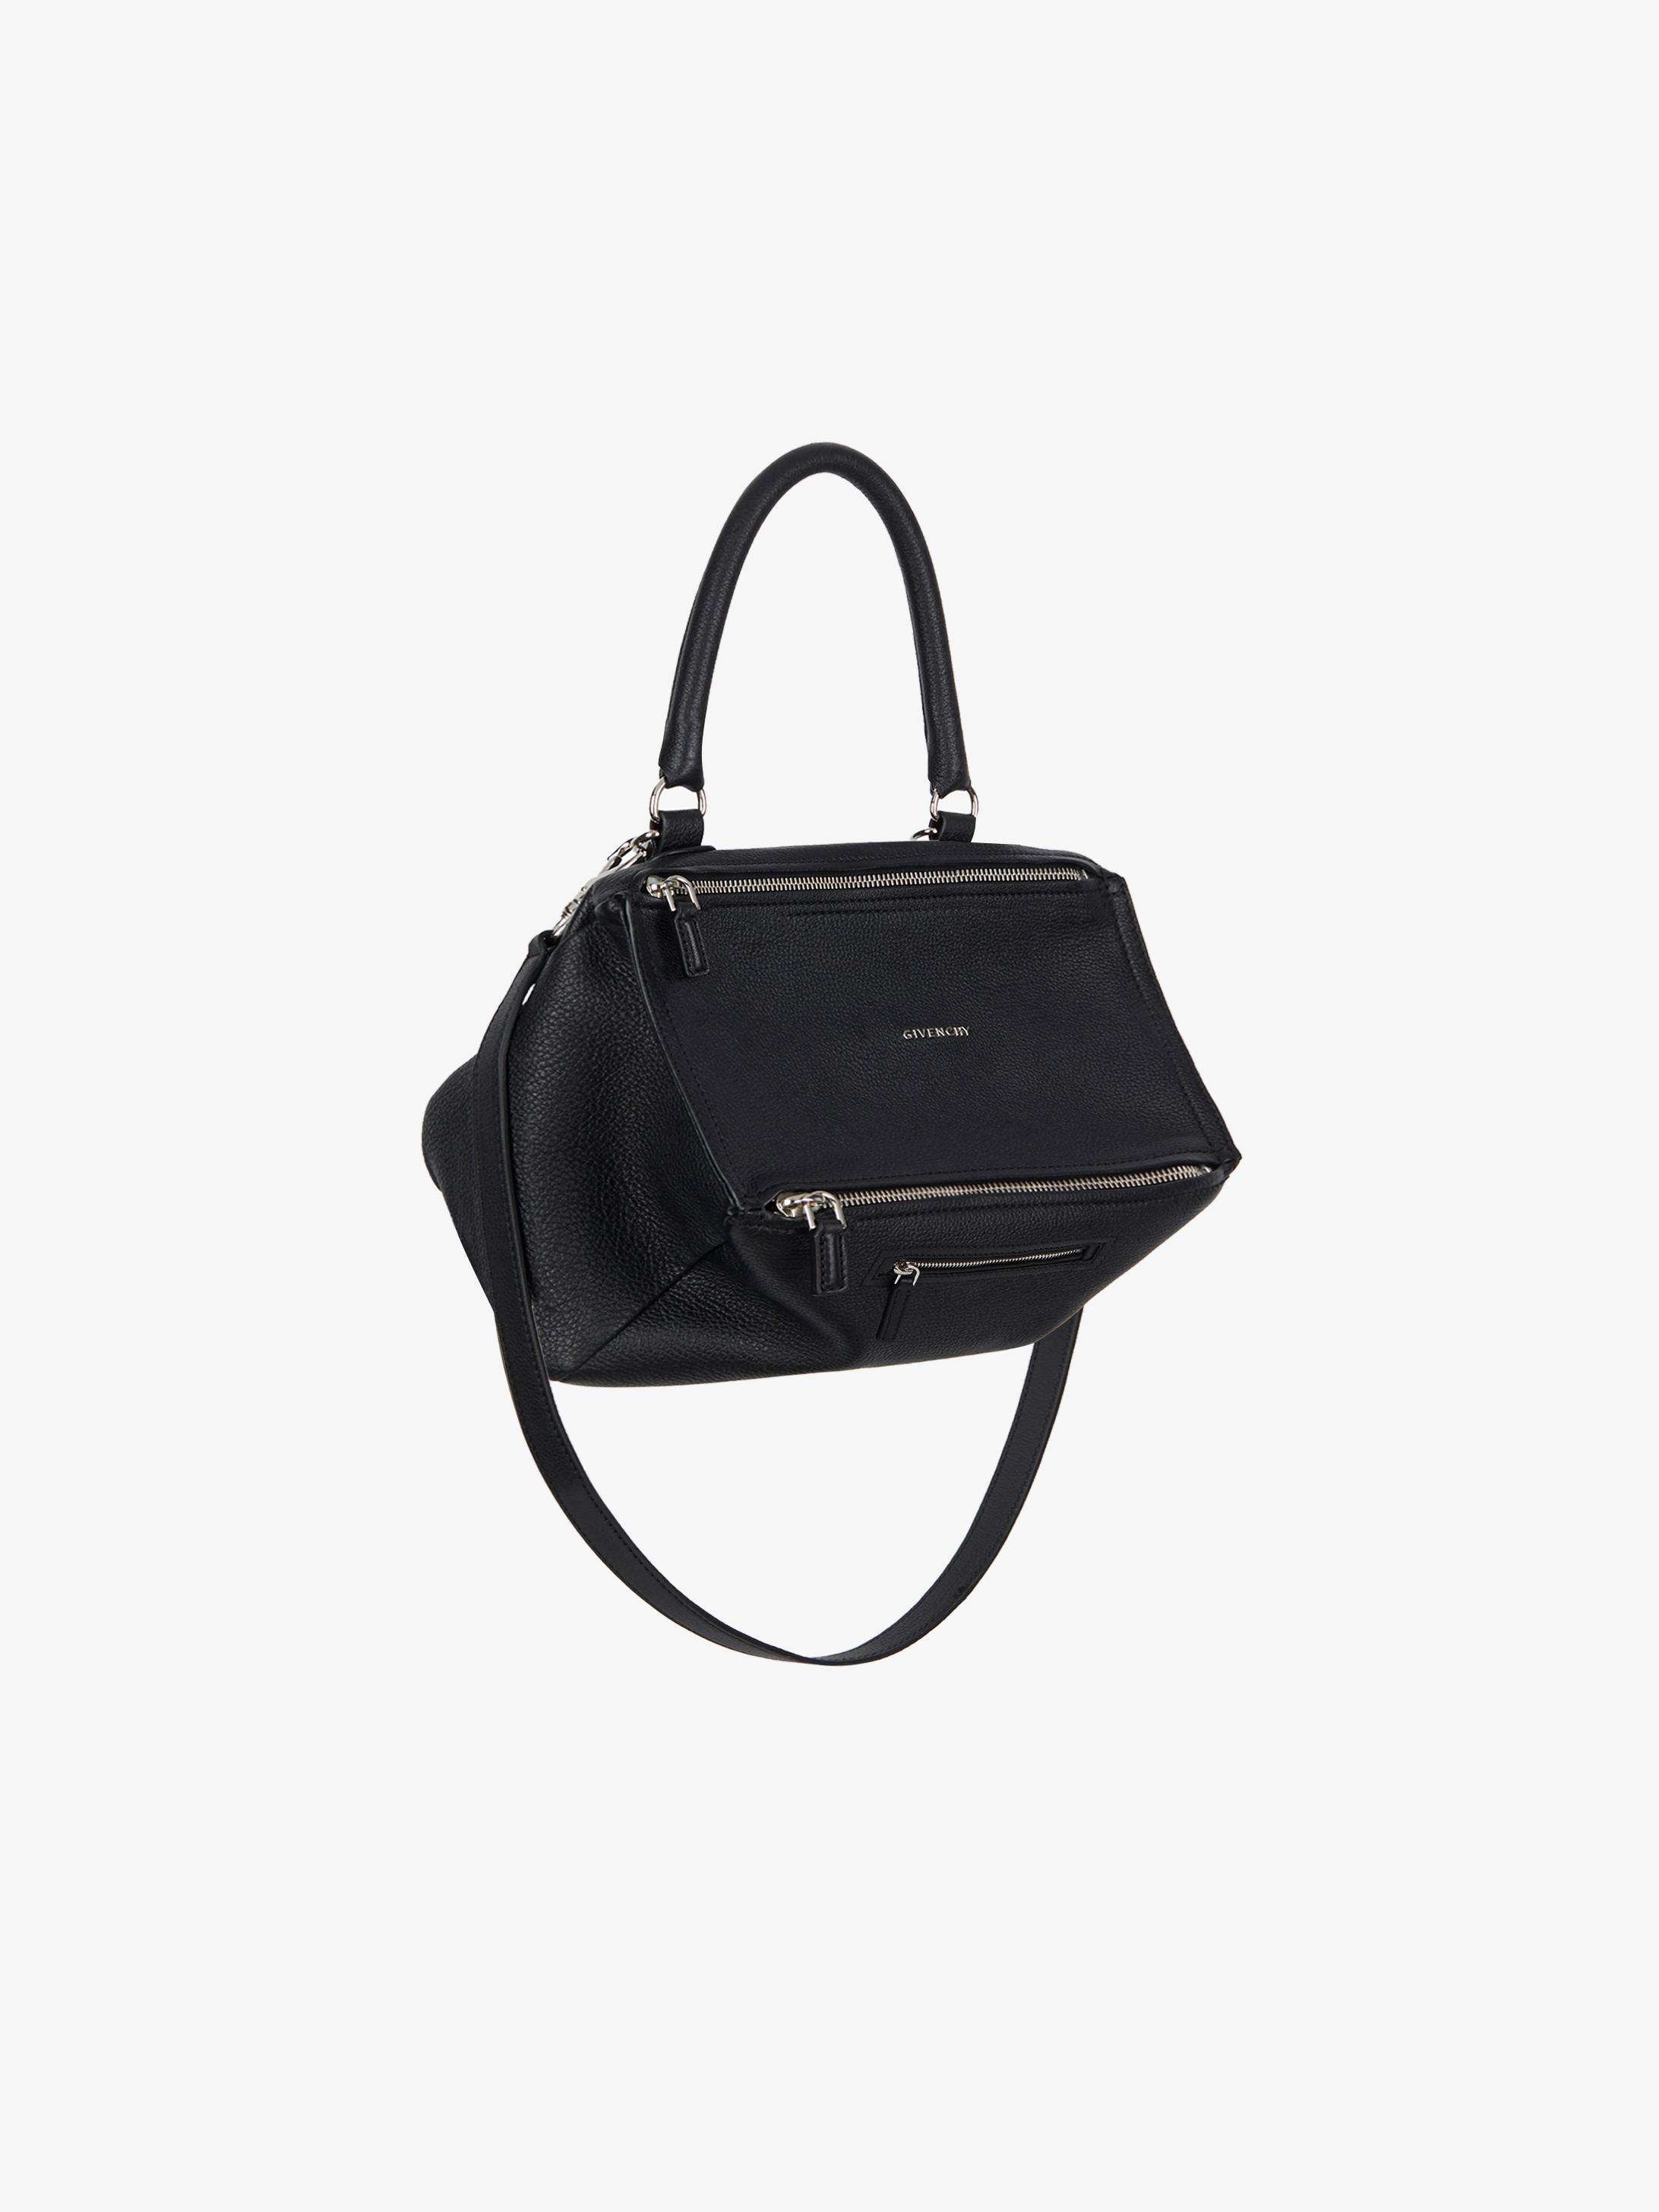 Medium Pandora bag in grained leather